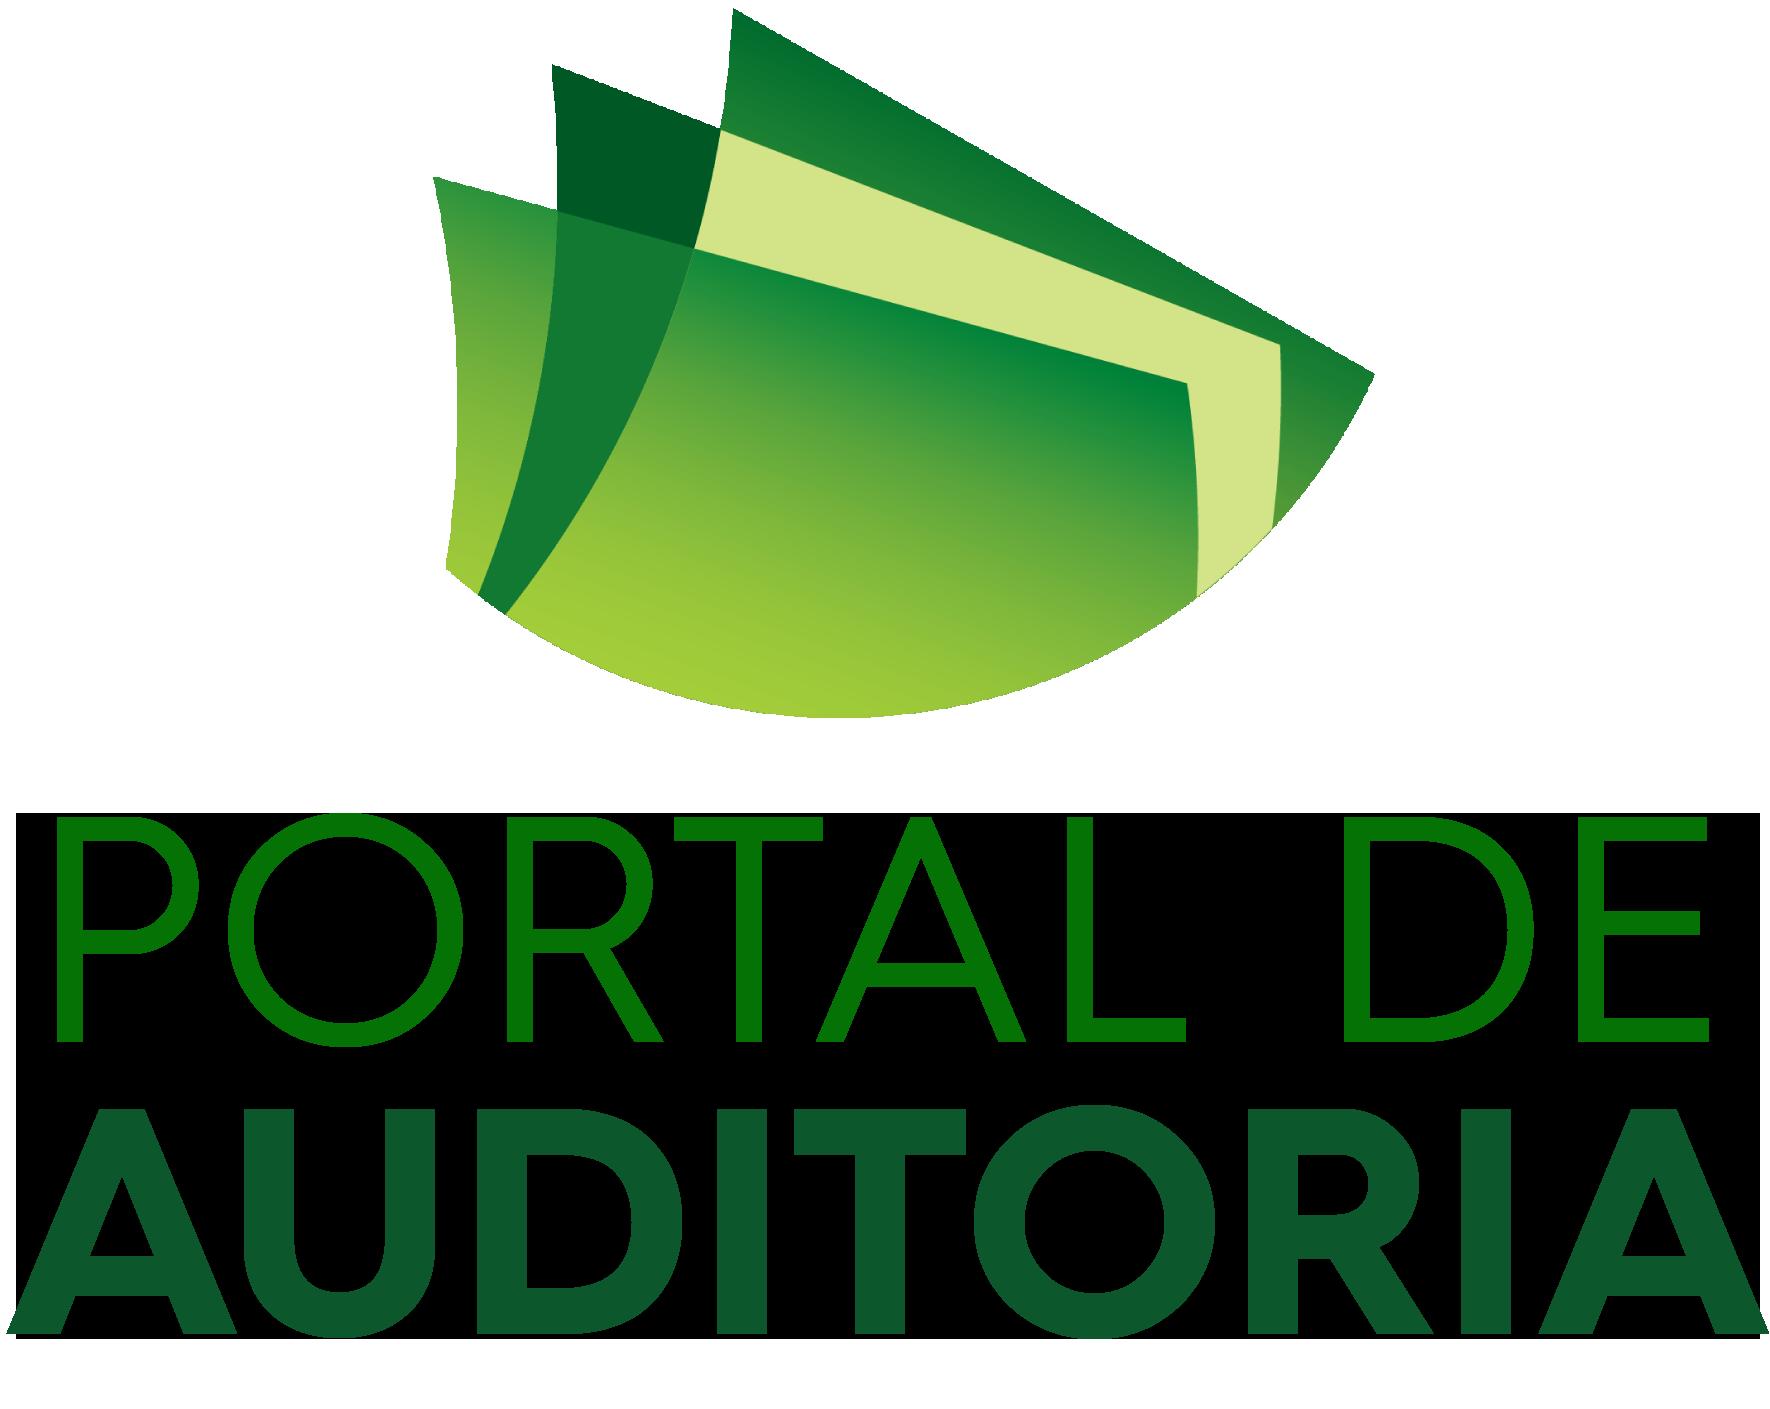 Portal de Auditoria